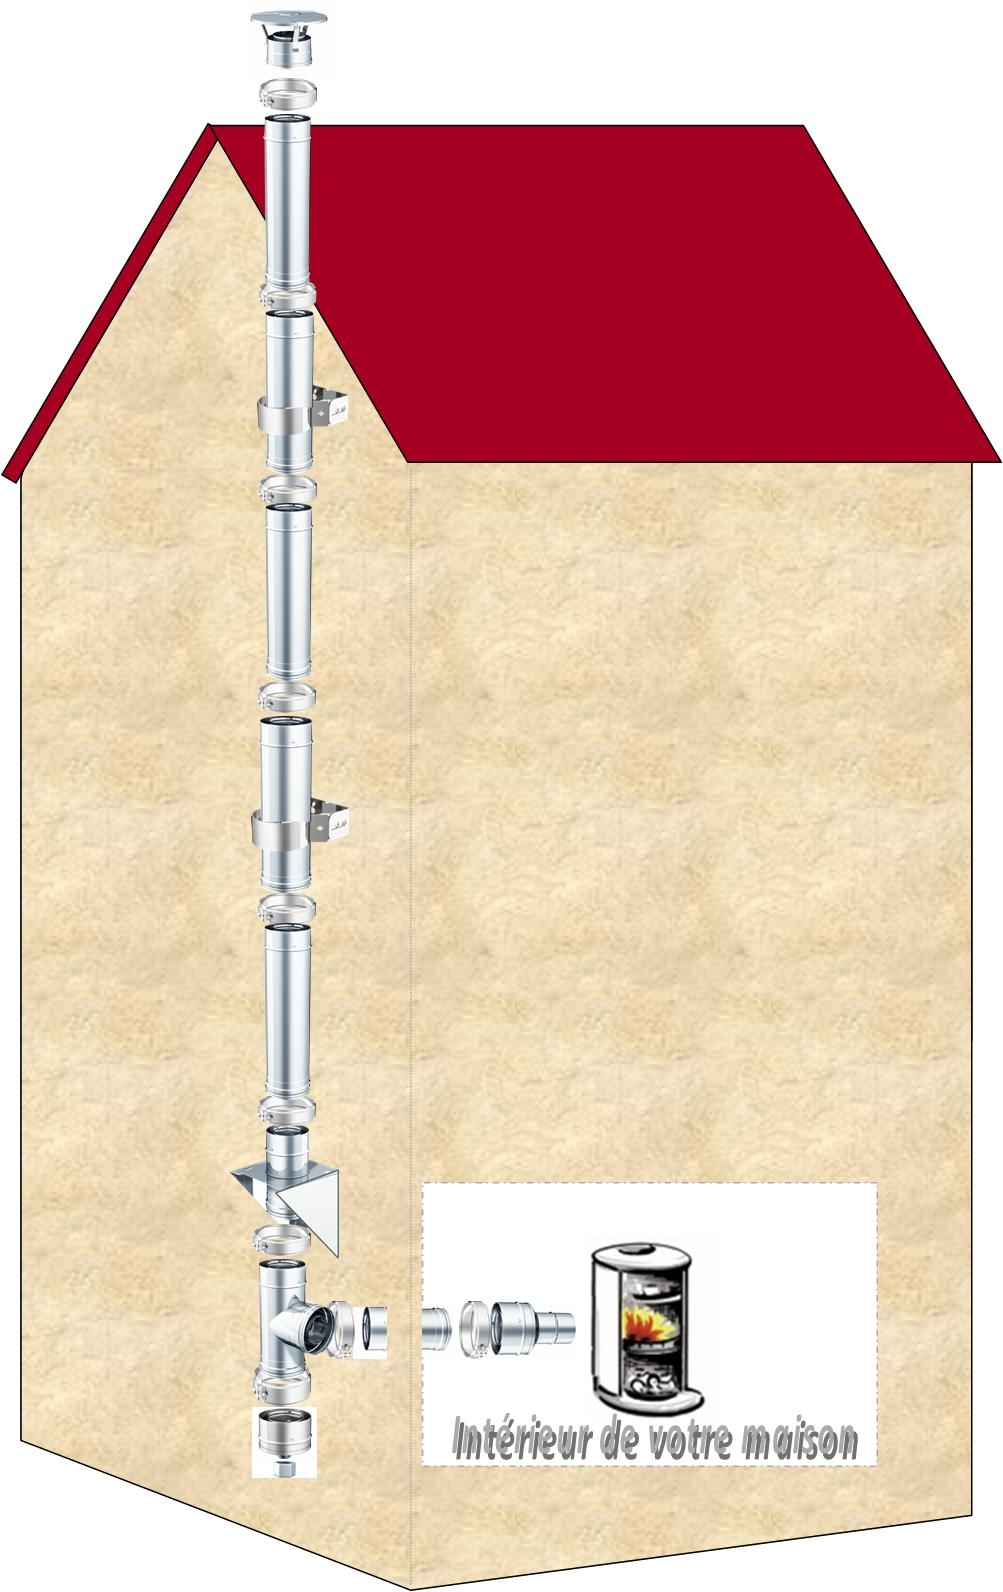 Kit N 36 Longueur 5ml O 180mm Ref Conduits De Fumee Kit Conduit De Cheminee Facile A Monter Kit Conduit De Fumee Exterieur Double Paroi Isole O 180mm Espace Poele Scandinave